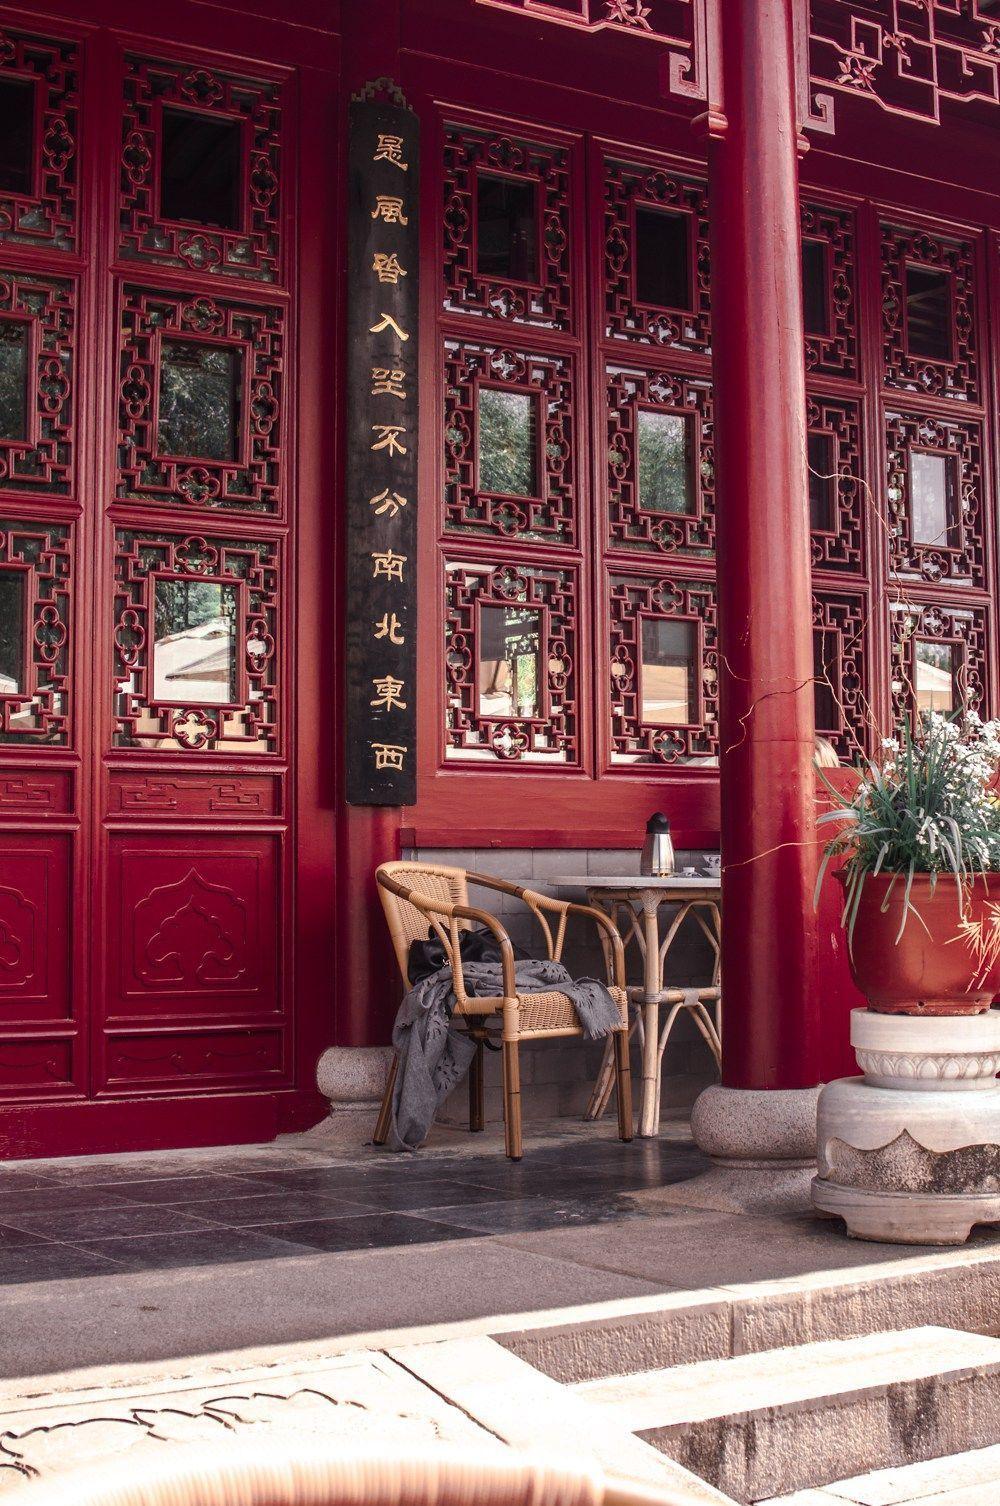 Botanical Chinese Garten Der Welt House Tea Trip World Chinese Tea House Make A Little Trip Aro In 2020 Chinese Tea House Gardens Of The World European Garden